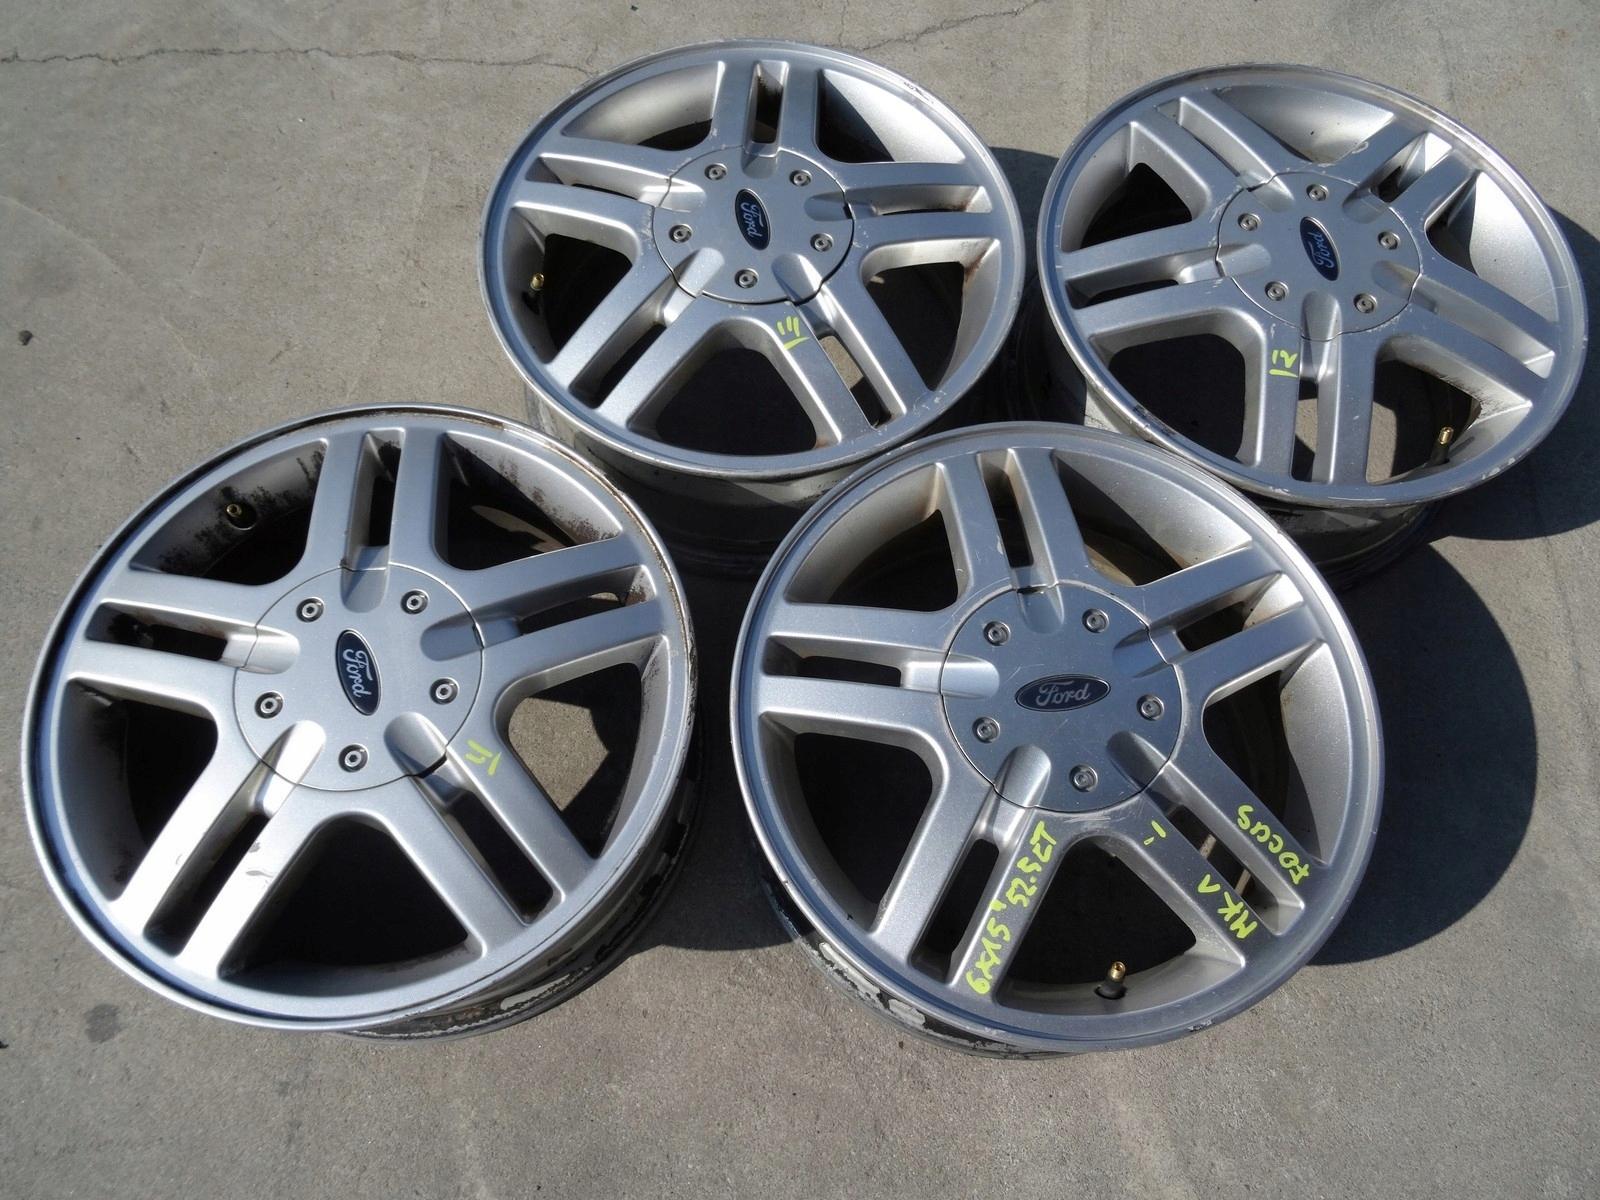 Ford Focus Mk1 Felgi Aluminiowe 15 7528056108 Oficjalne